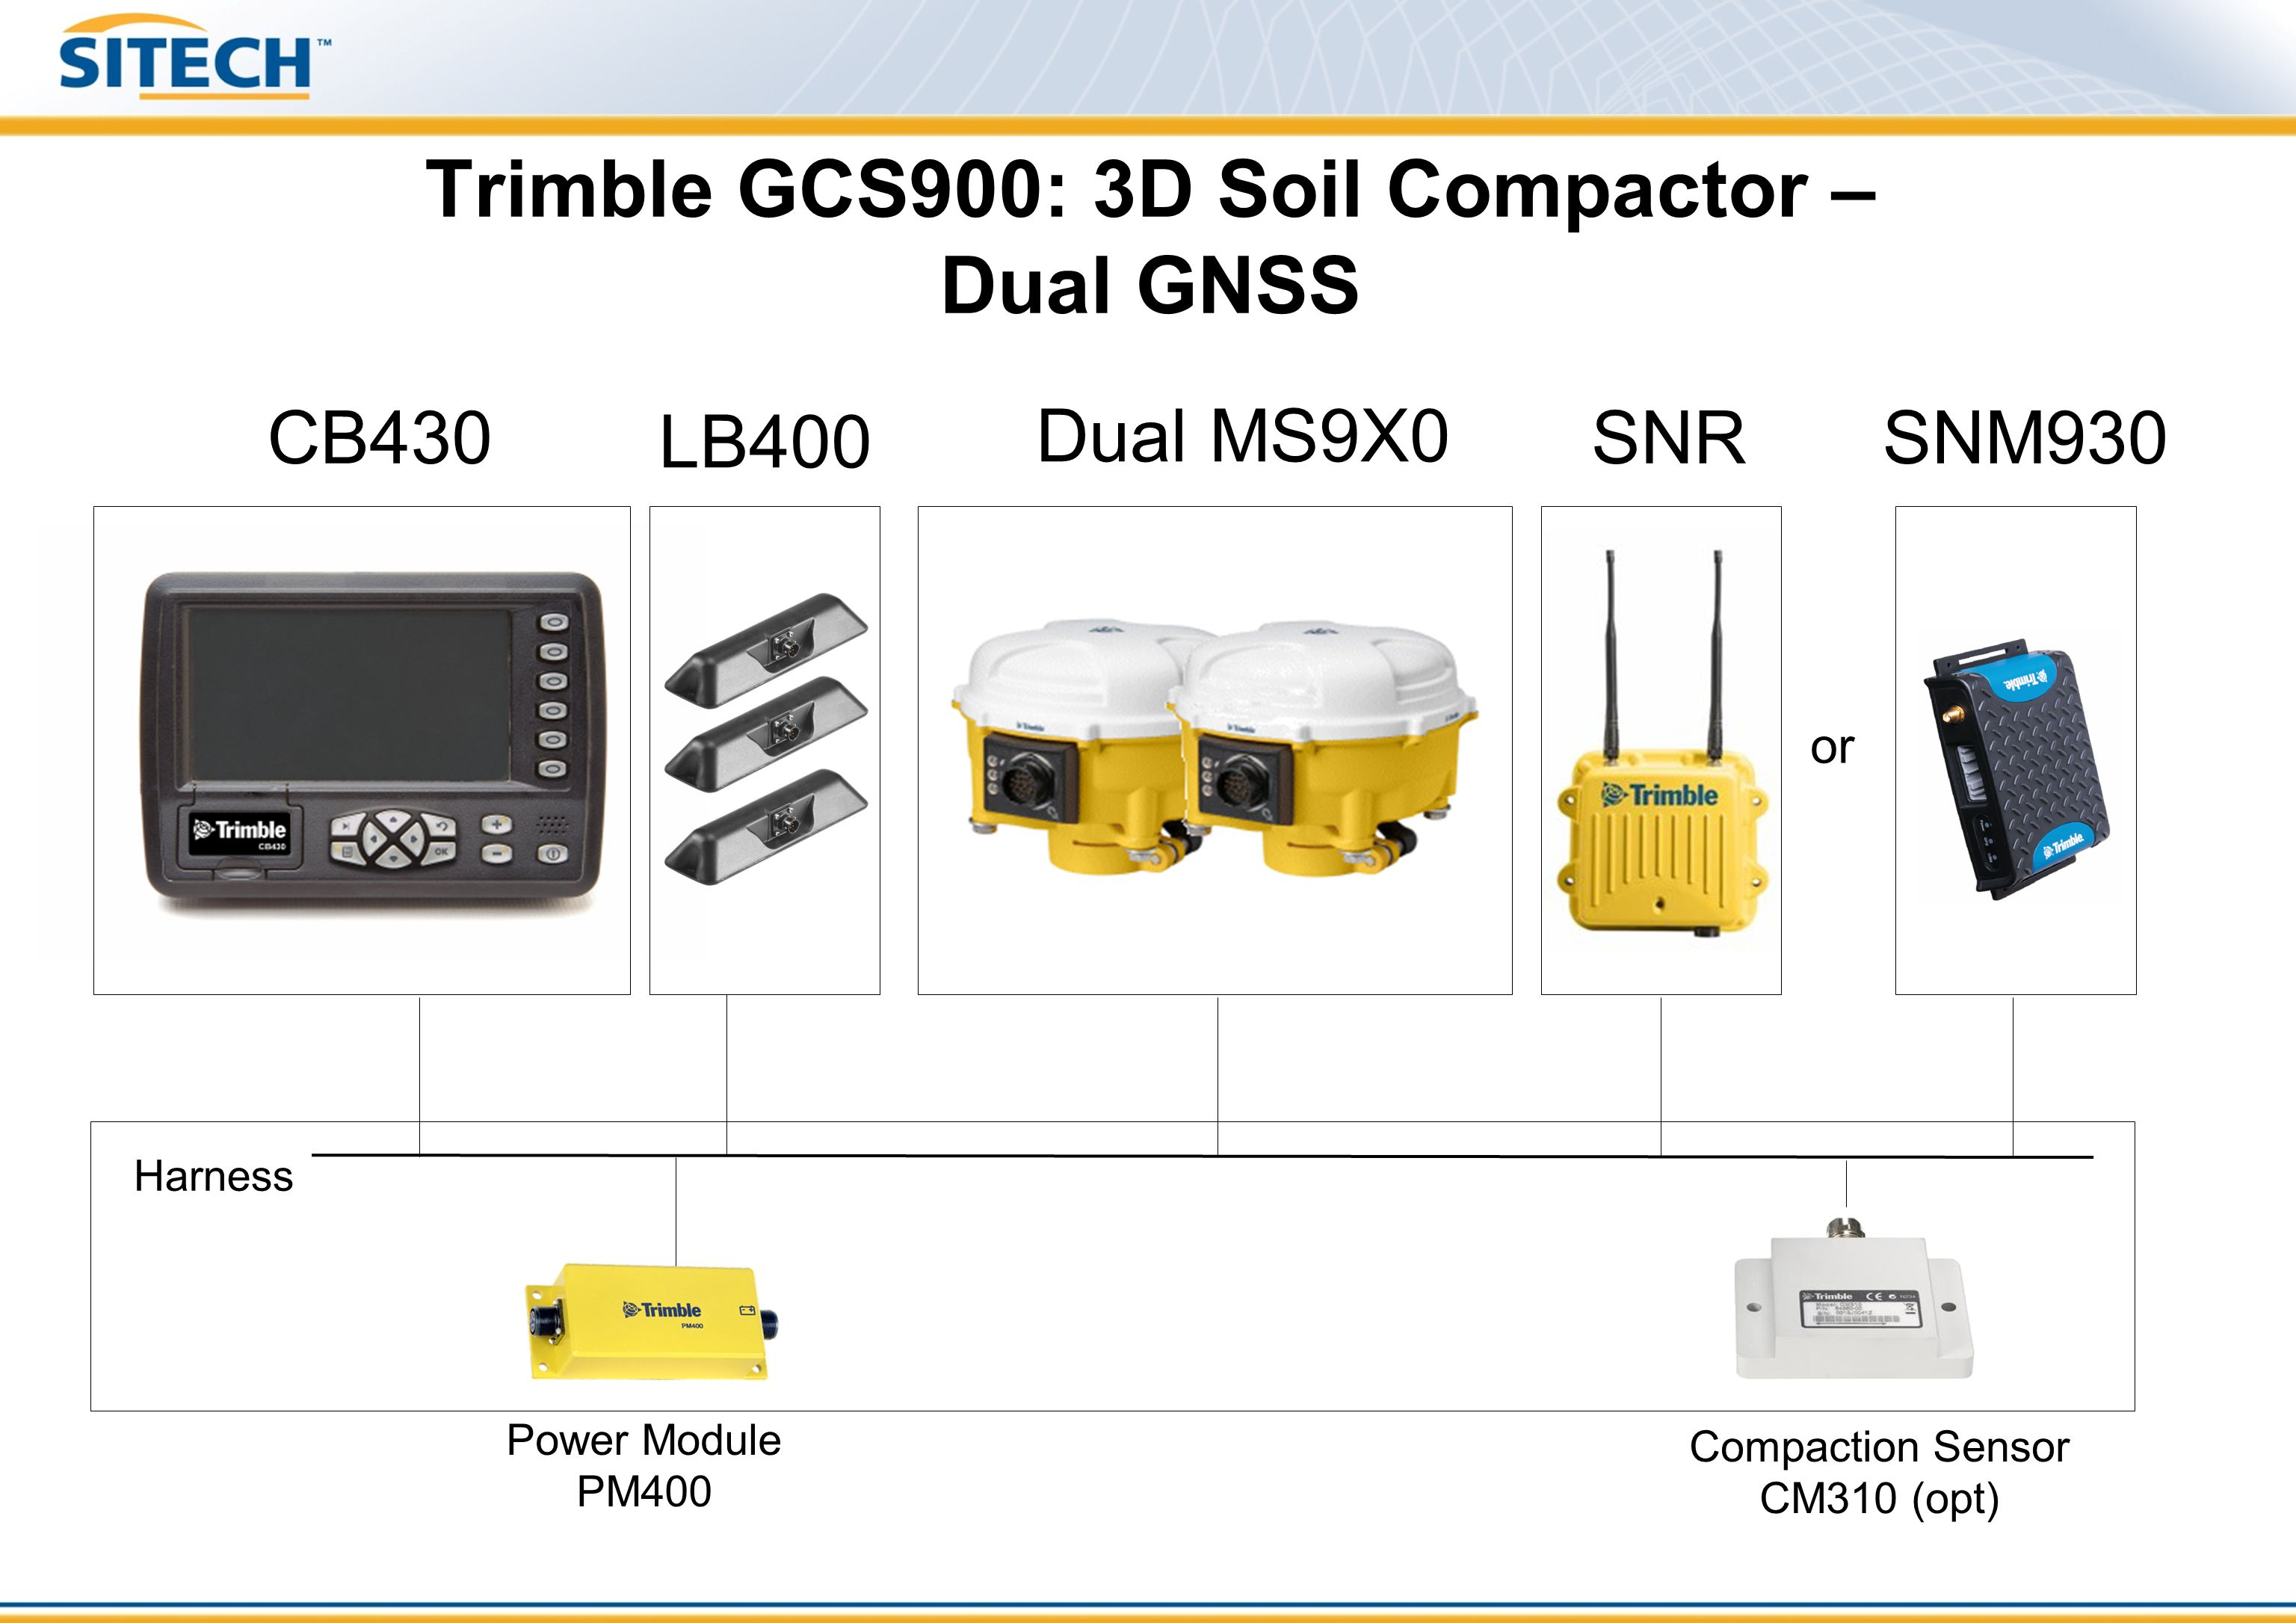 Trimble GCS900: 3D Soil Compactor – Dual GNSS